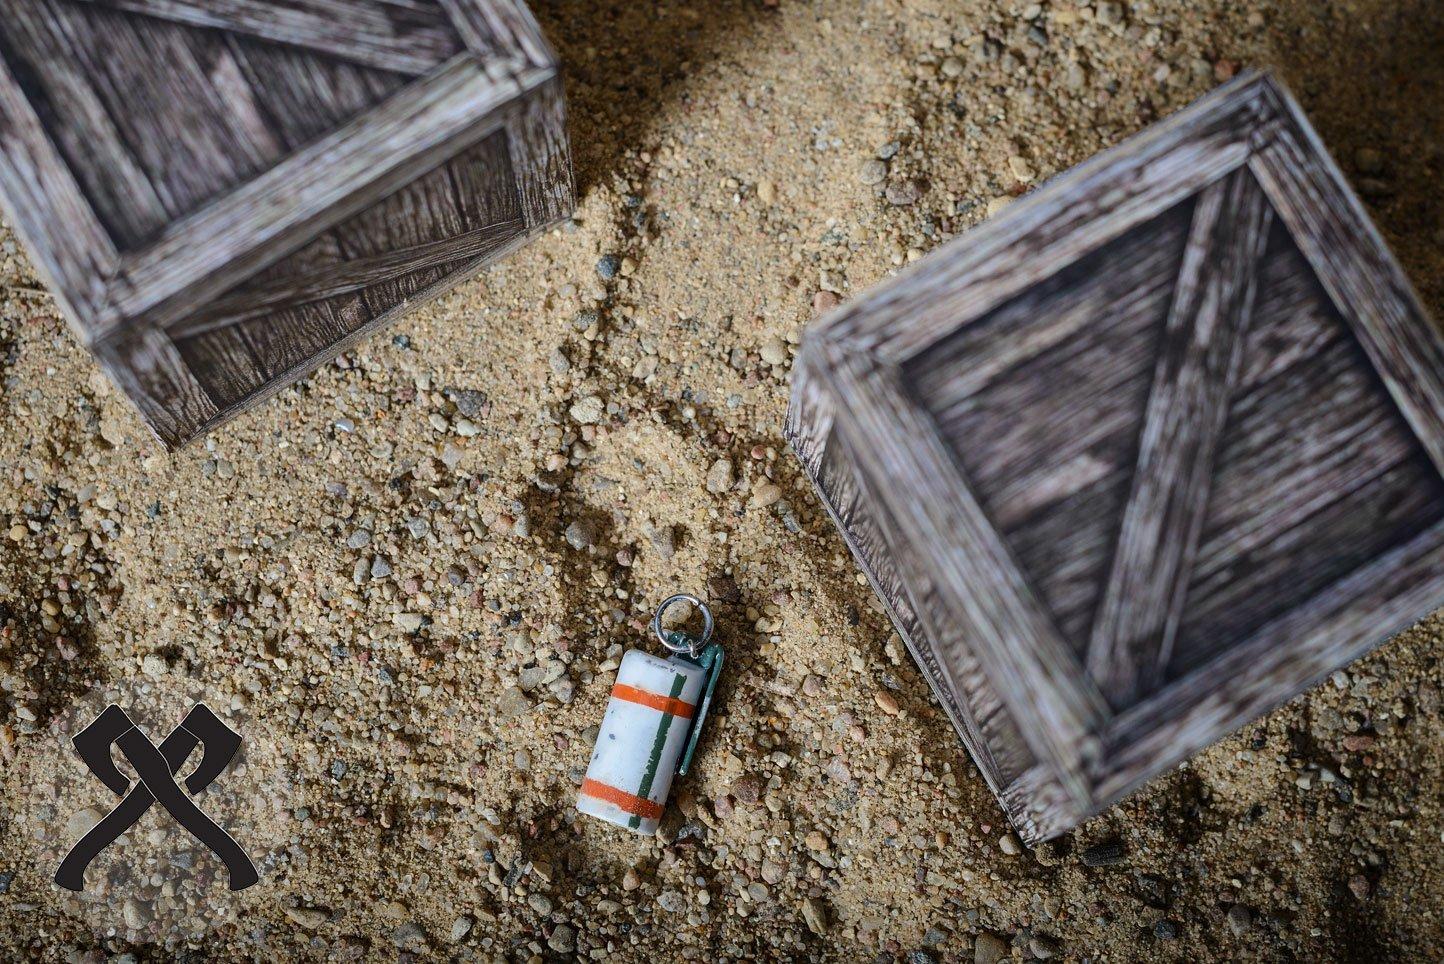 Дымовая граната из игры CS:GO в виде подвески